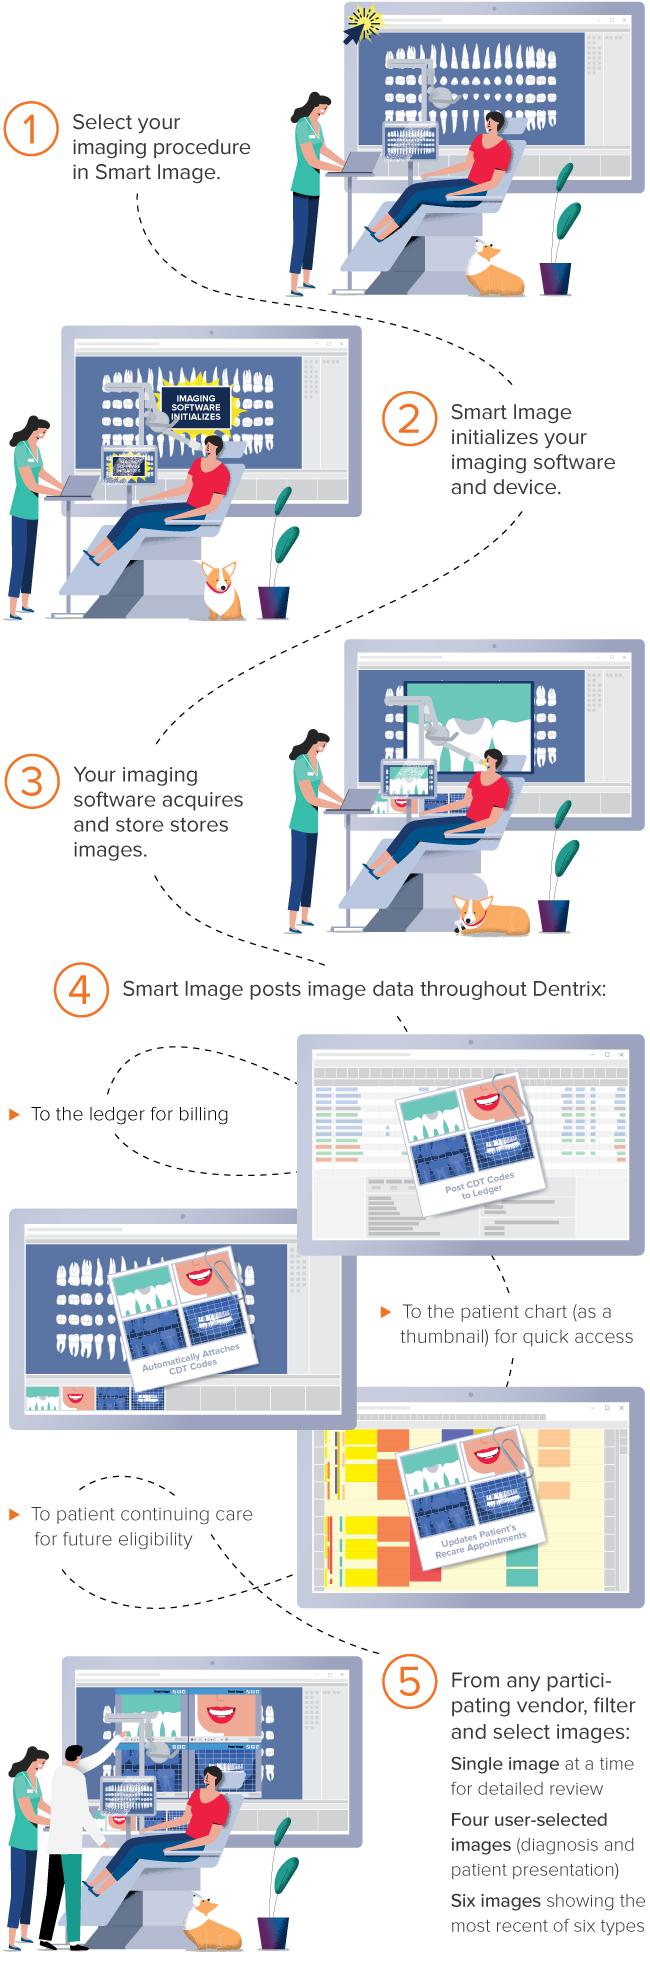 Smart Image | Dentrix